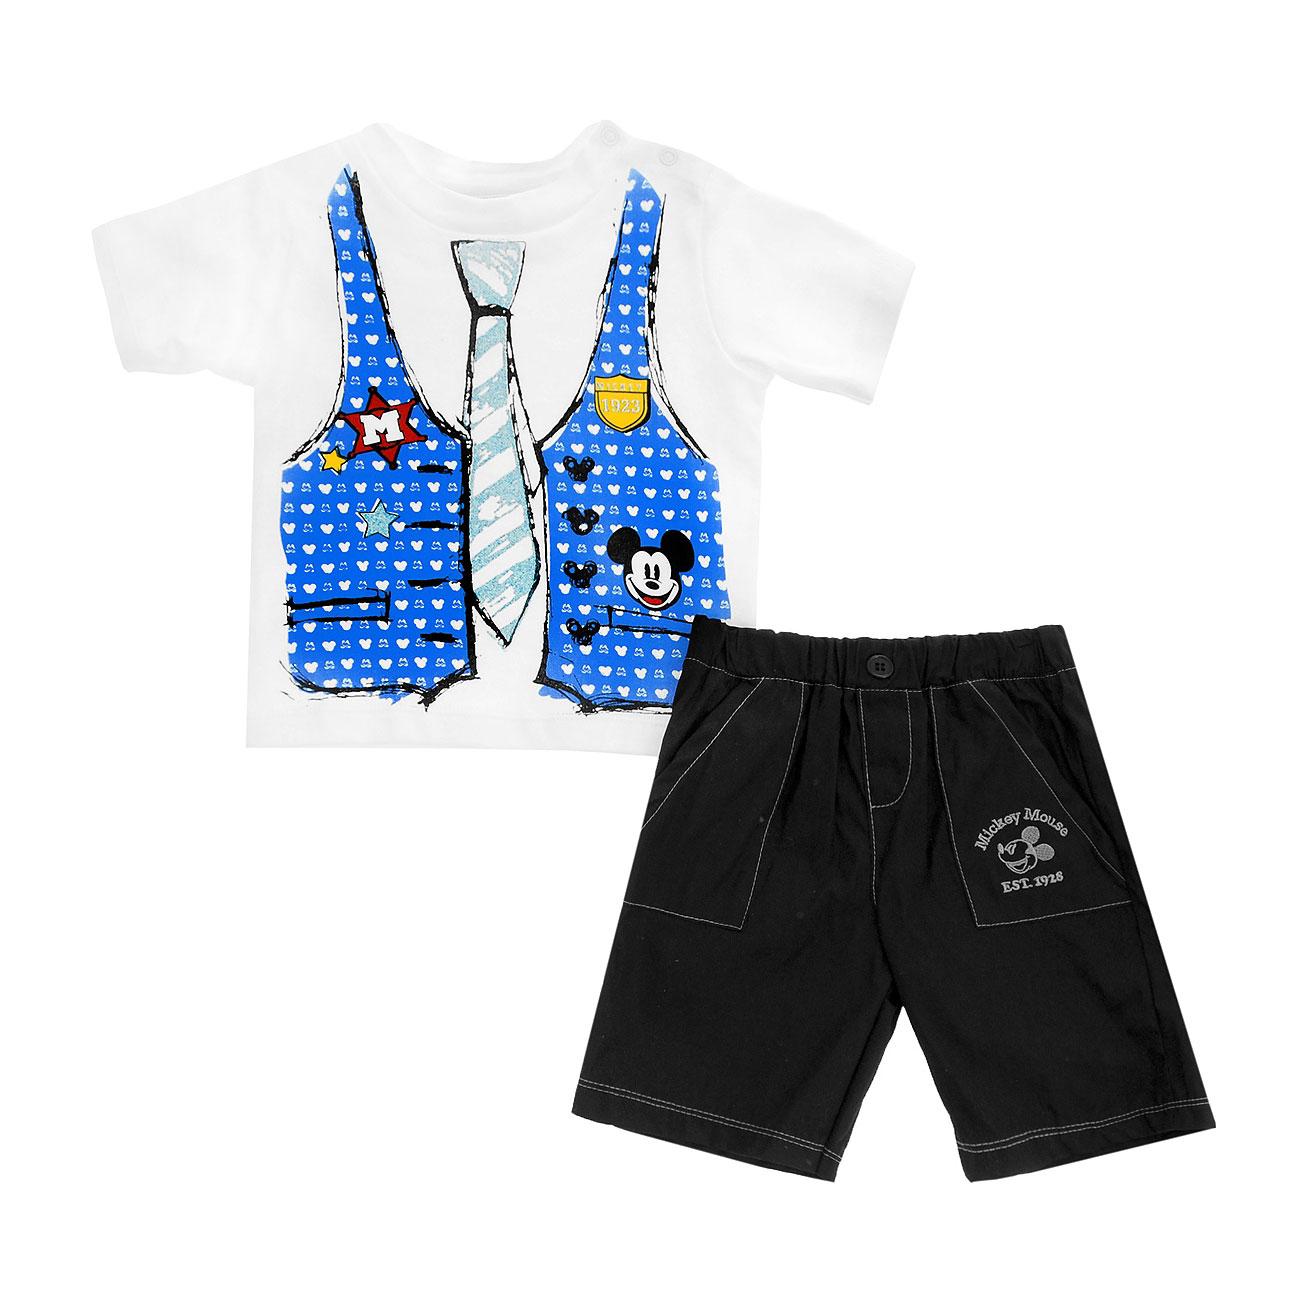 Комплект Дисней Микки футболка с коротким рукавом (рисунок галстук)и шорты, для мальчика. Голубой 18 мес.